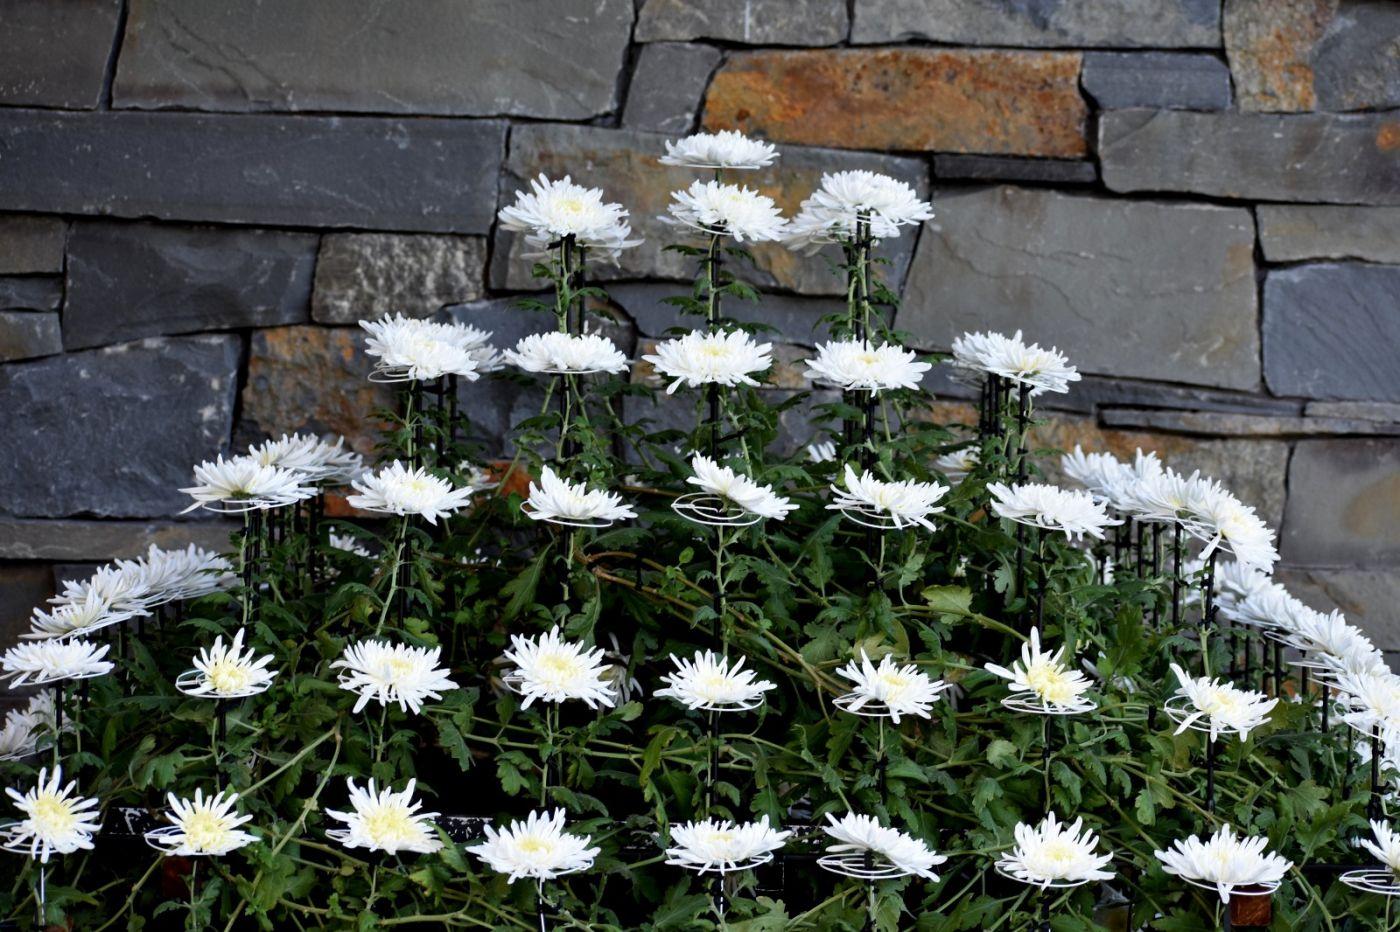 植物园日本菊花展_图1-30